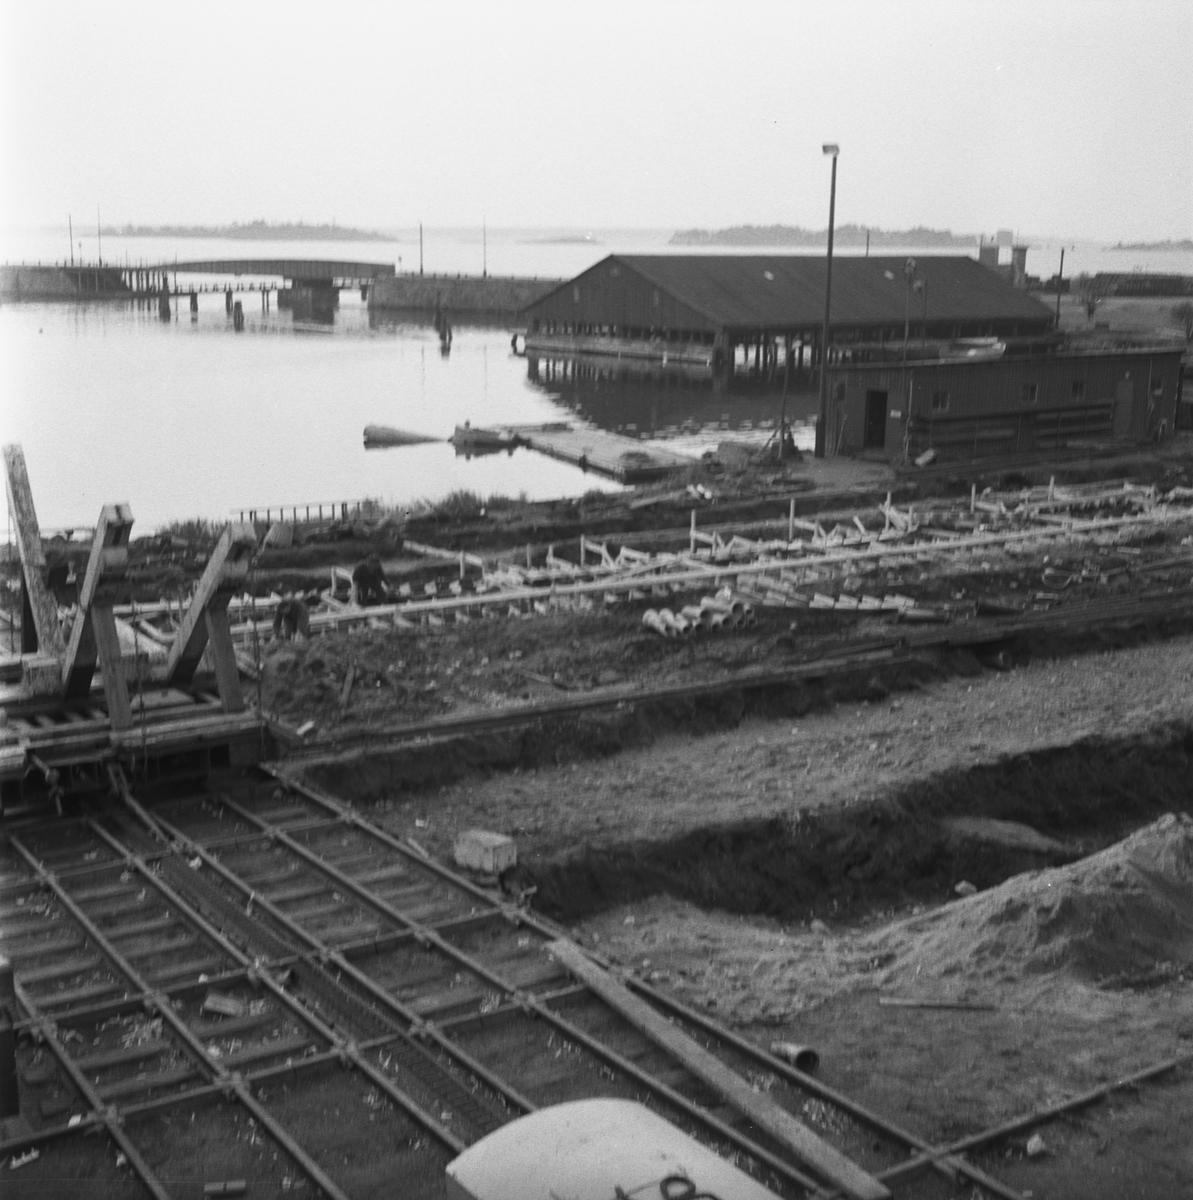 Övrigt: Fotodatum:9/3 1959 Byggnader och Kranar. Slipens omläggning av spåren.